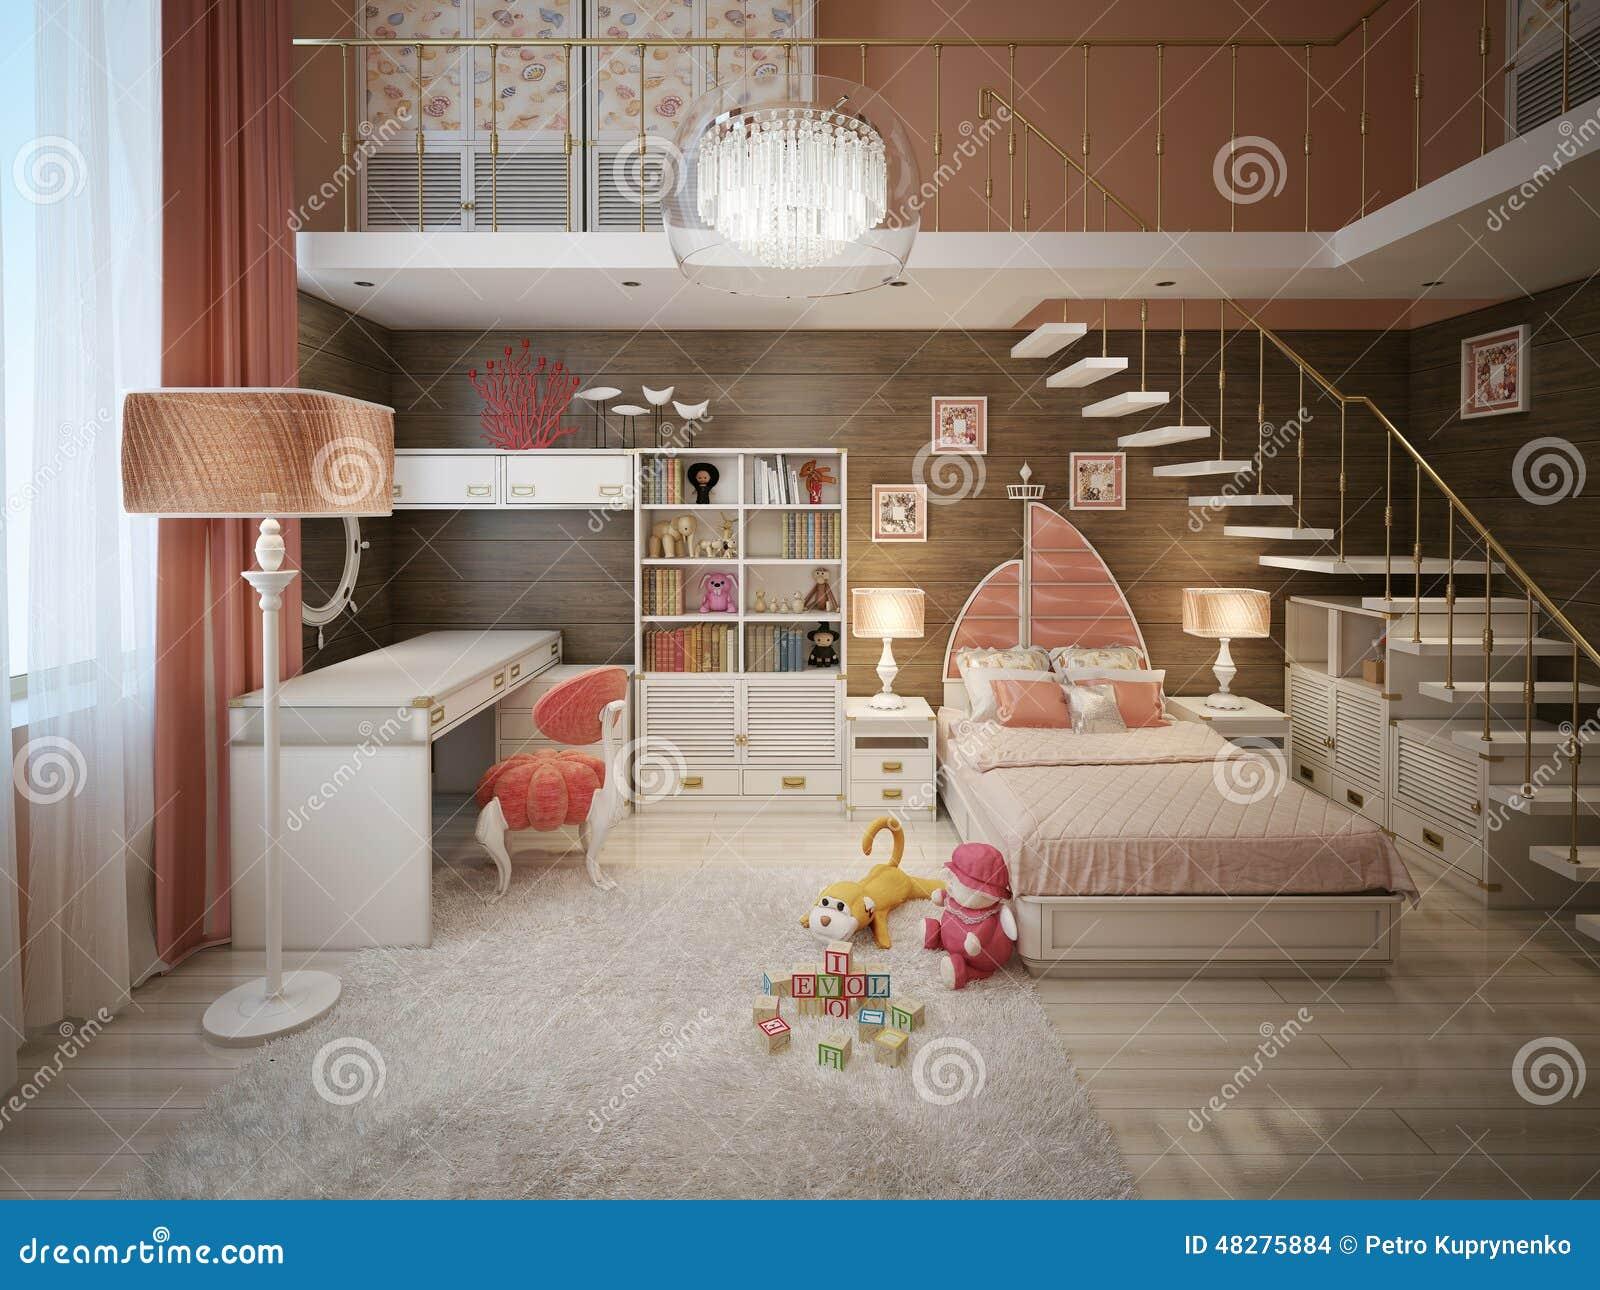 Stile moderno della camera da letto delle ragazze - Camere da letto da ragazza ...